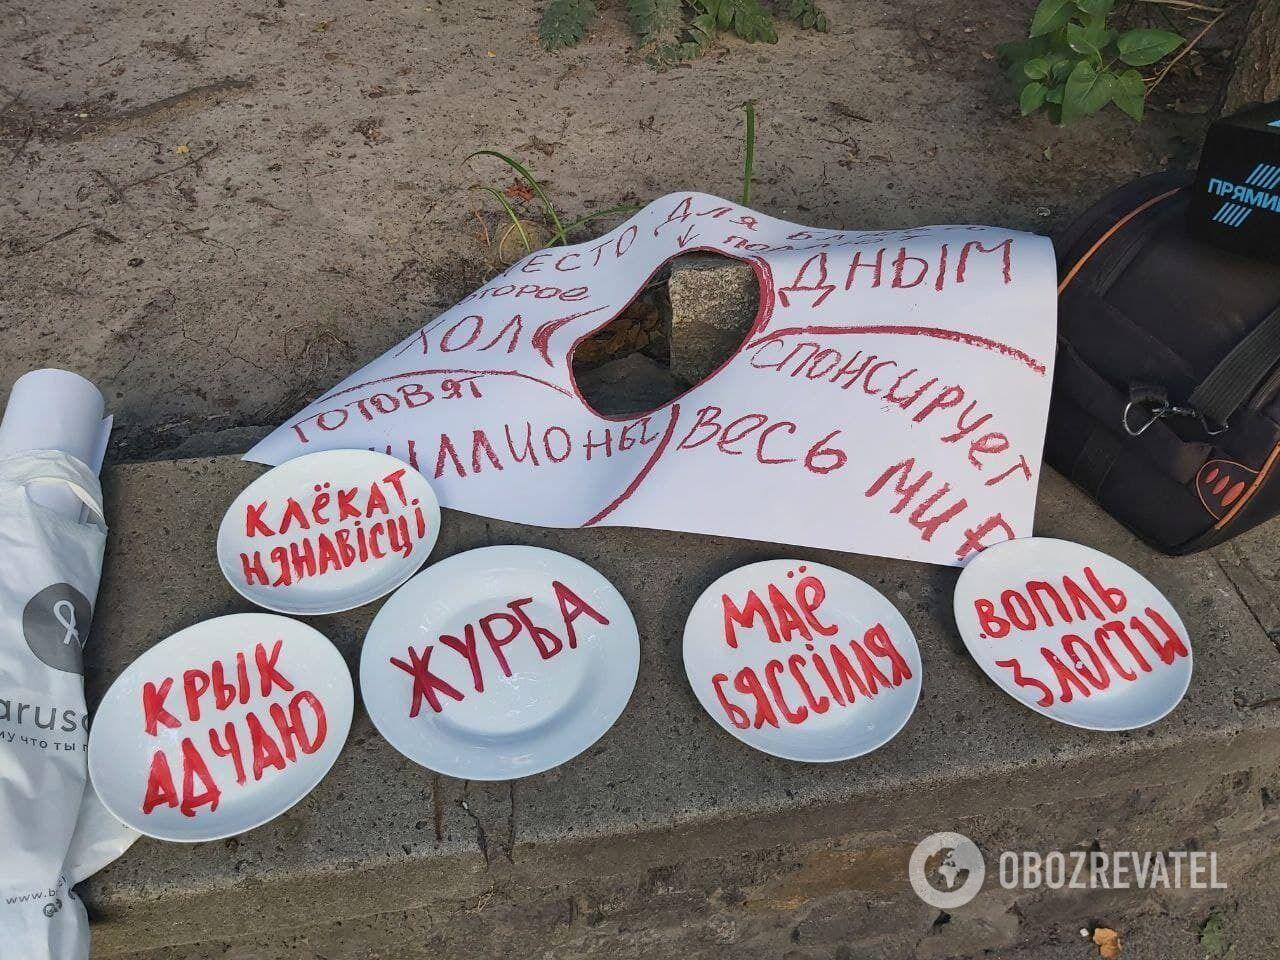 Учасники акції вшанували пам'ять загиблого Шишова.